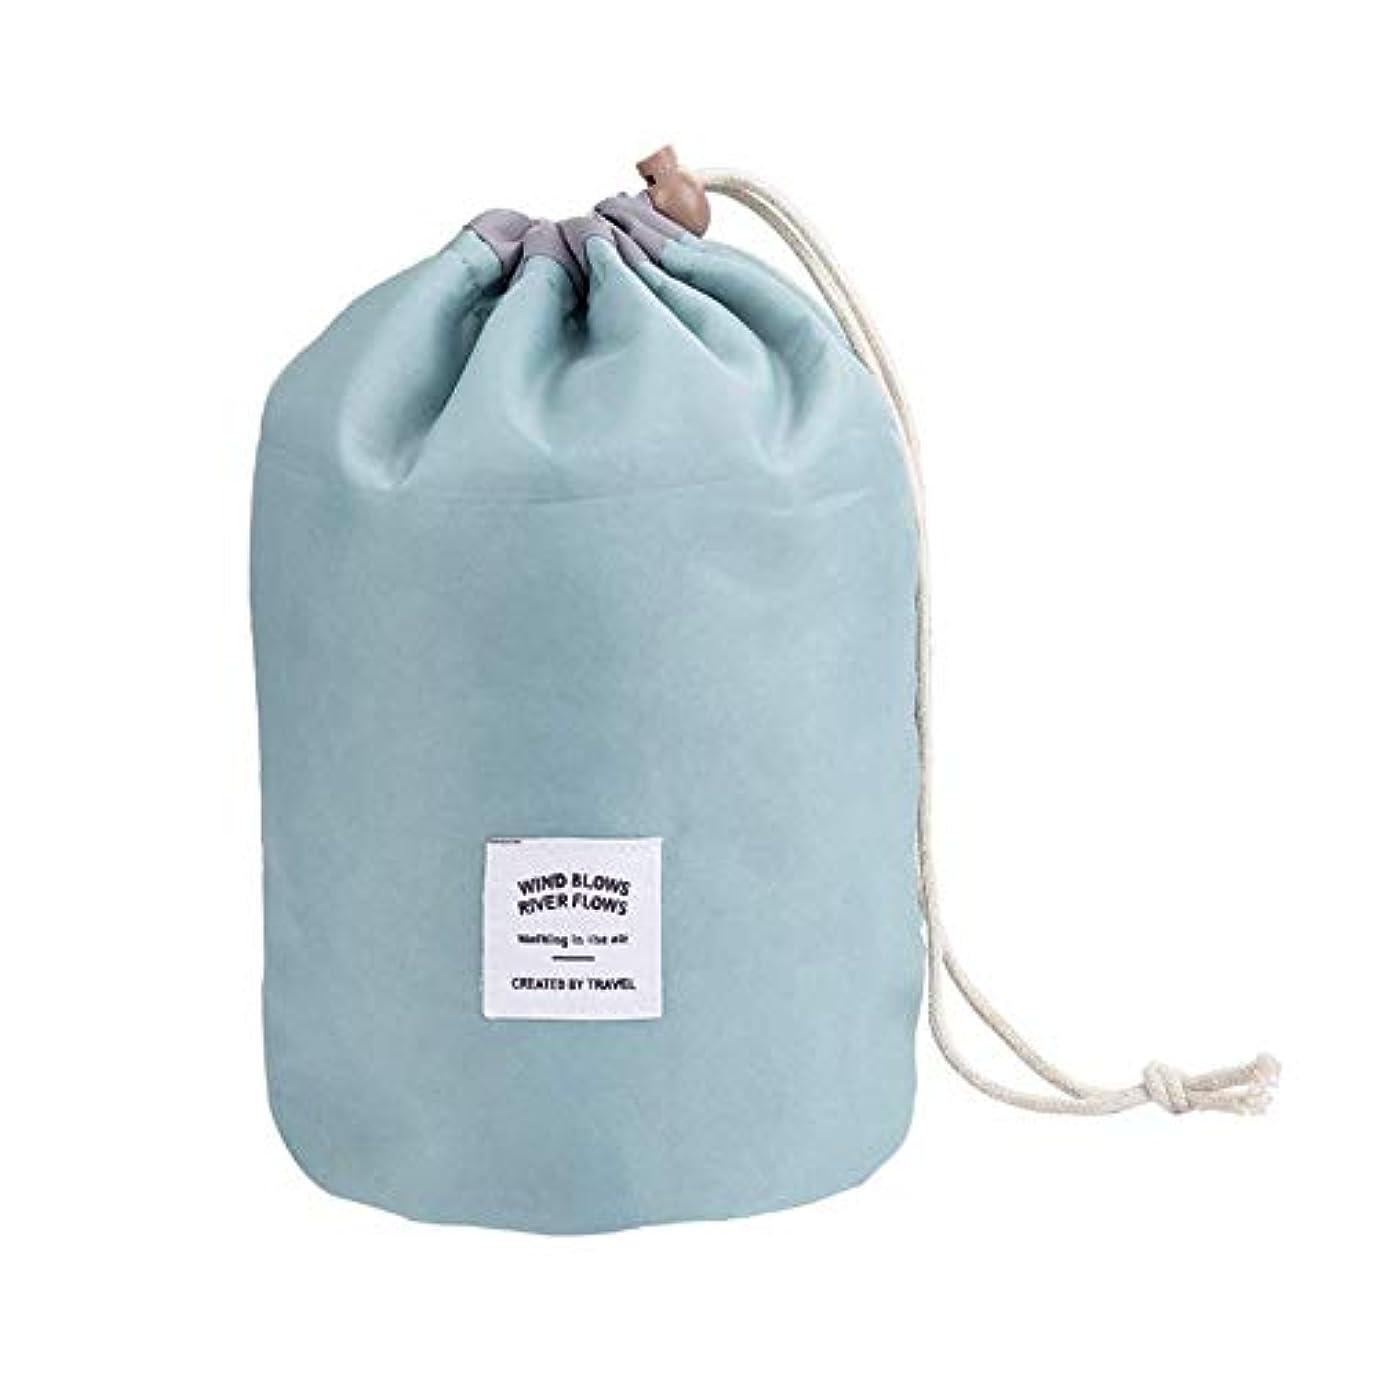 思想援助あいまいな化粧オーガナイザーバッグ ポータブル防水旅行コスメティックバッグトラベルセットストレージバッグバスルームストレージ巾着化粧品バッグポータブル 化粧品ケース (色 : 緑)